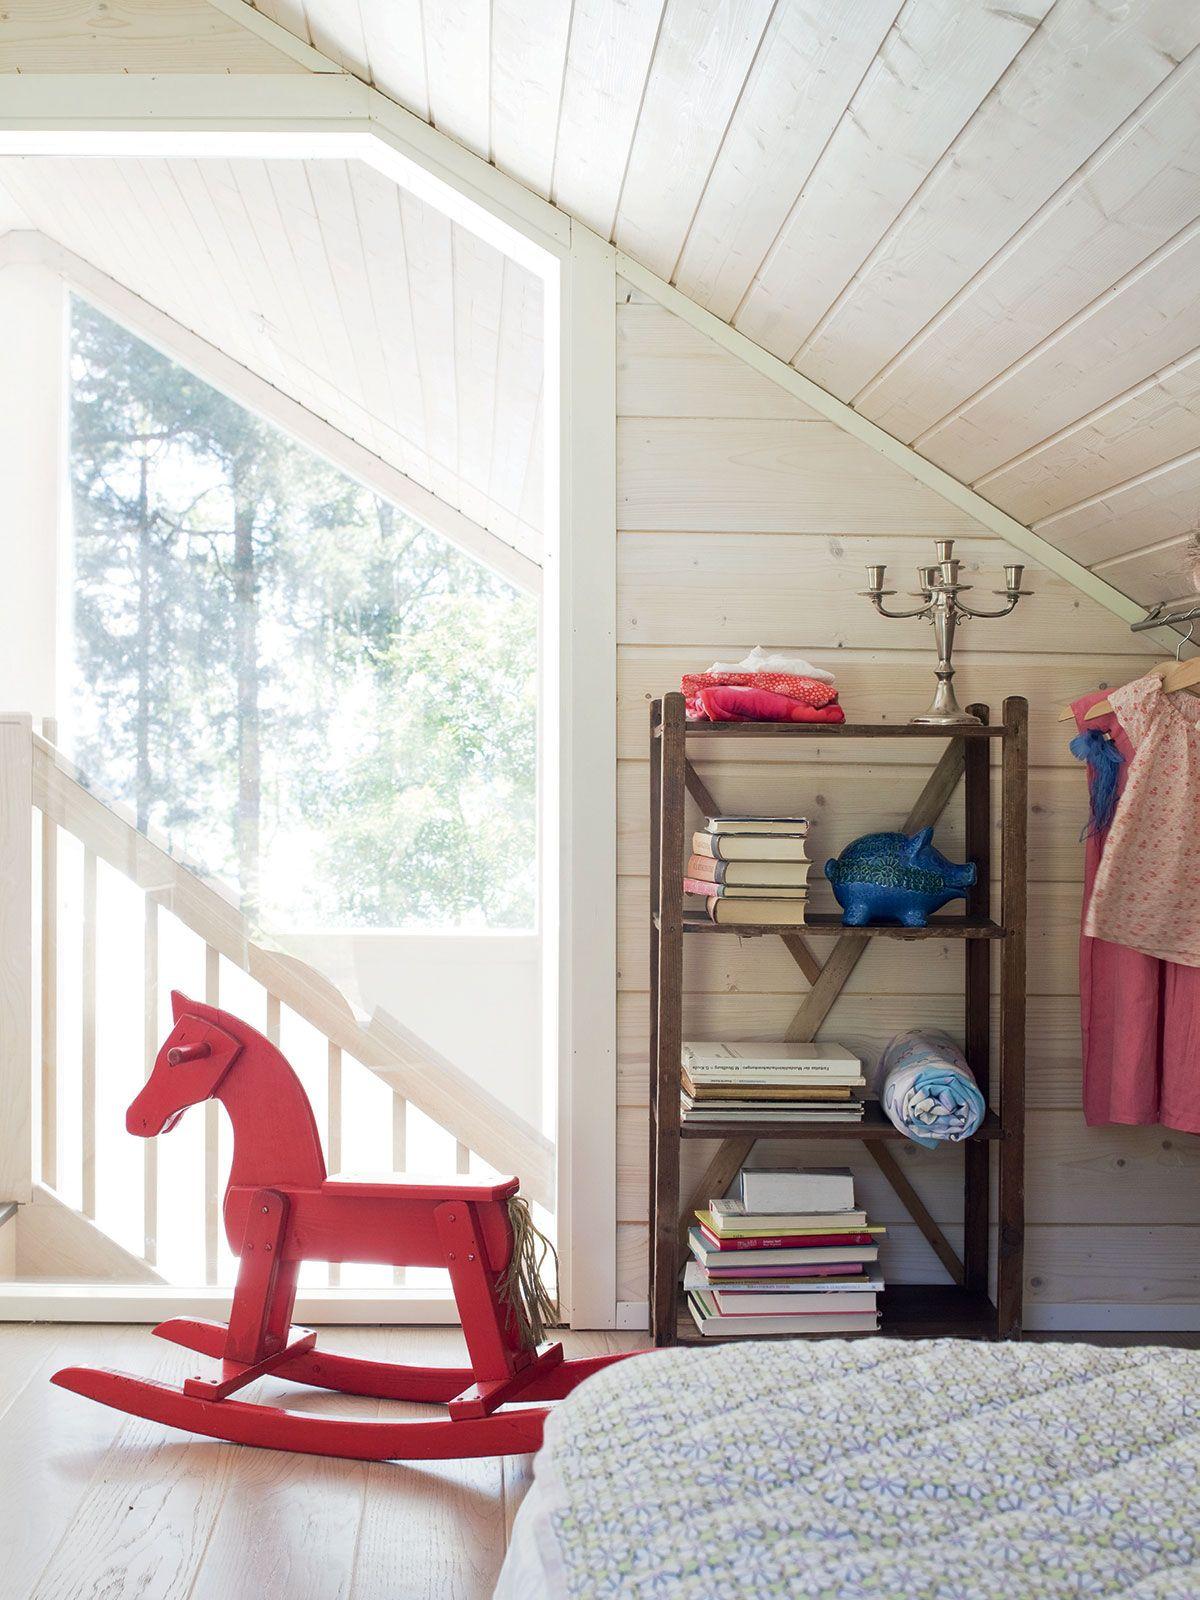 Liisa lisäsi yläkerran toiseen makuuhuoneeseen maisemaikkunoiden suuntaan avautuvan ikkunan. Vanha 1970-luvun punainen keinuhevonen on edelleen kovassa käytössä.